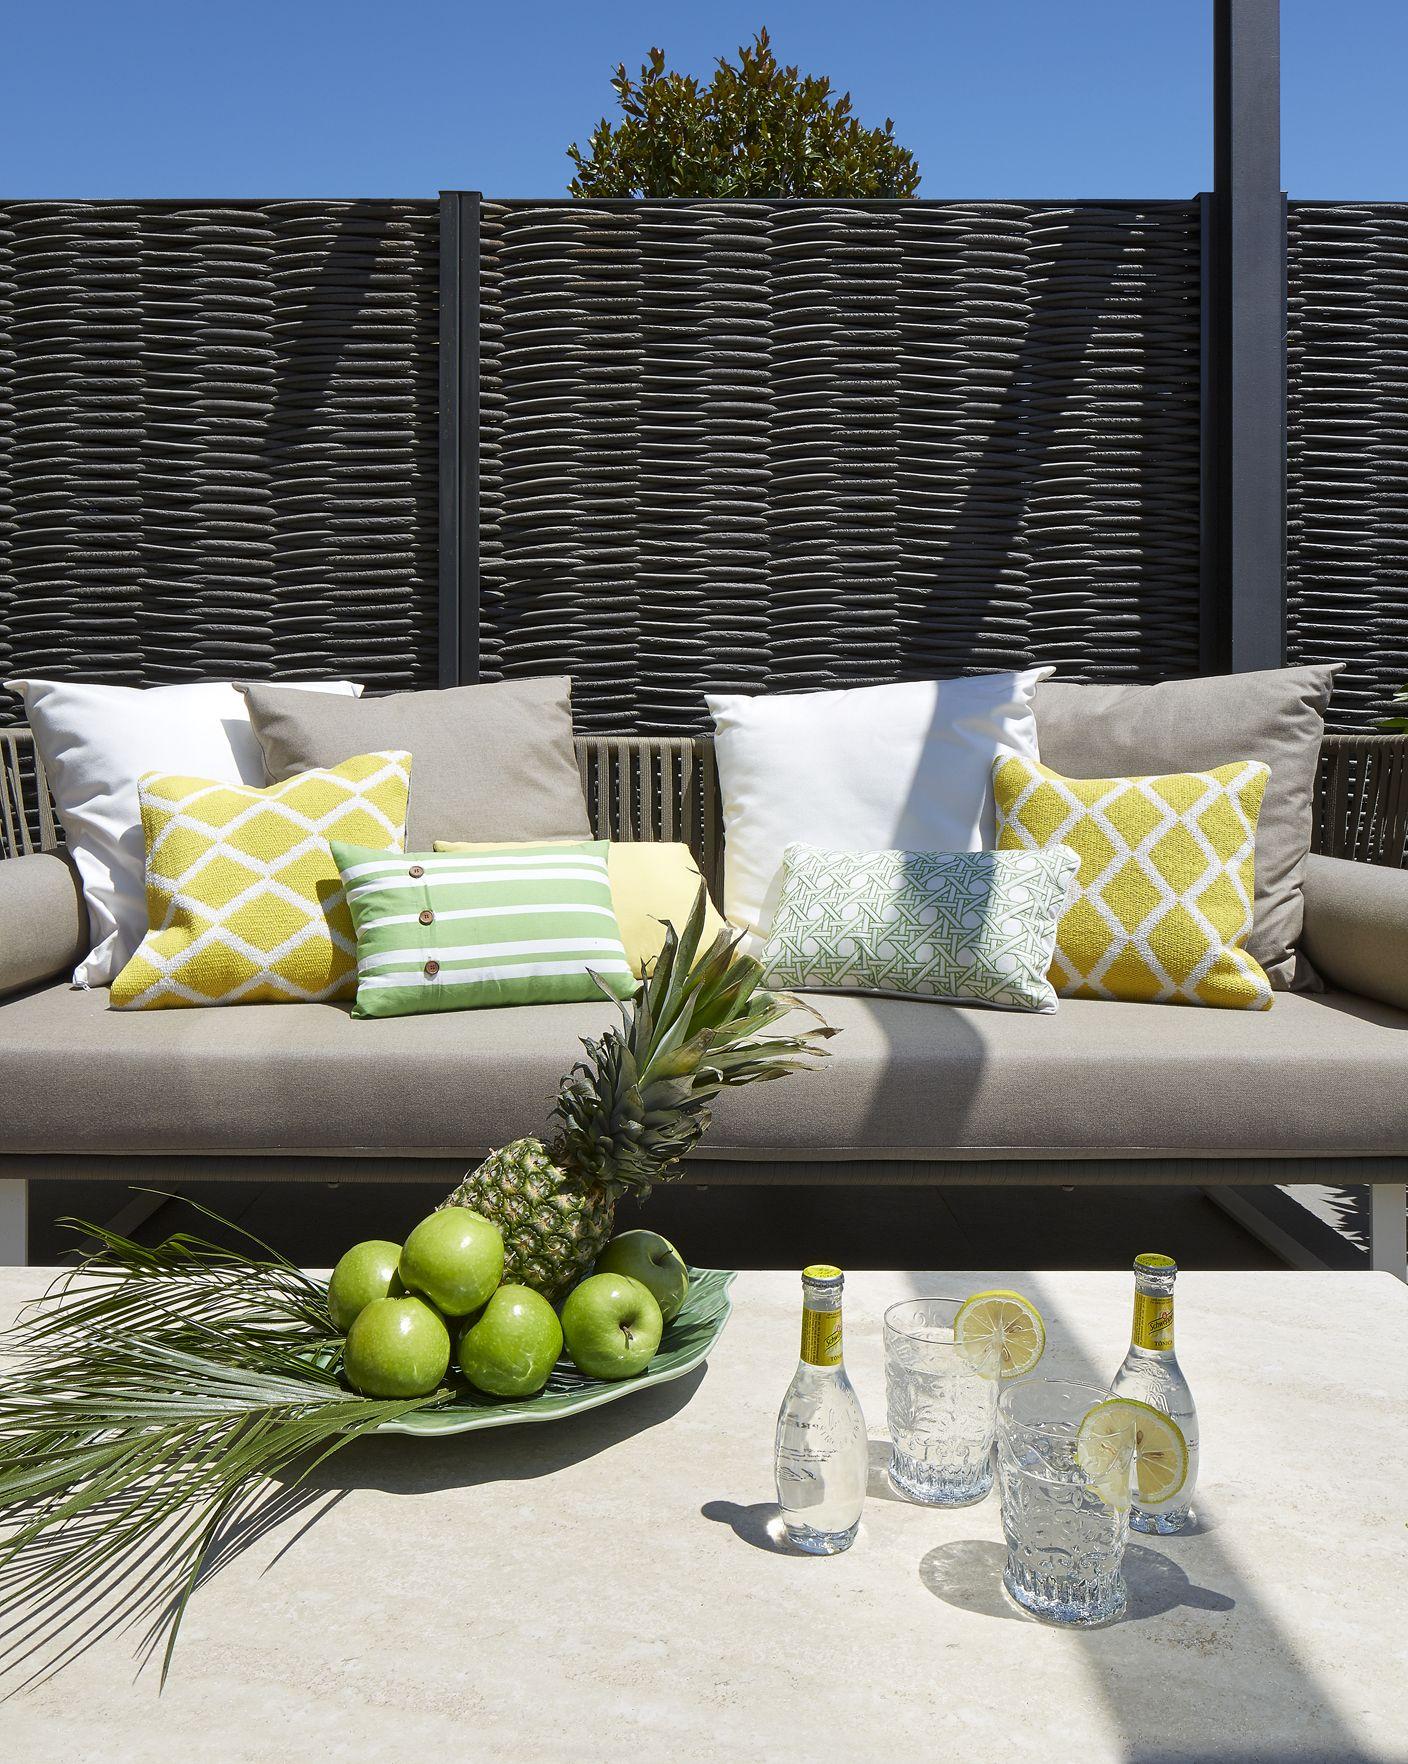 Molins interiors arquitectura interior interiorismo for Jardineria al aire libre casa pendiente